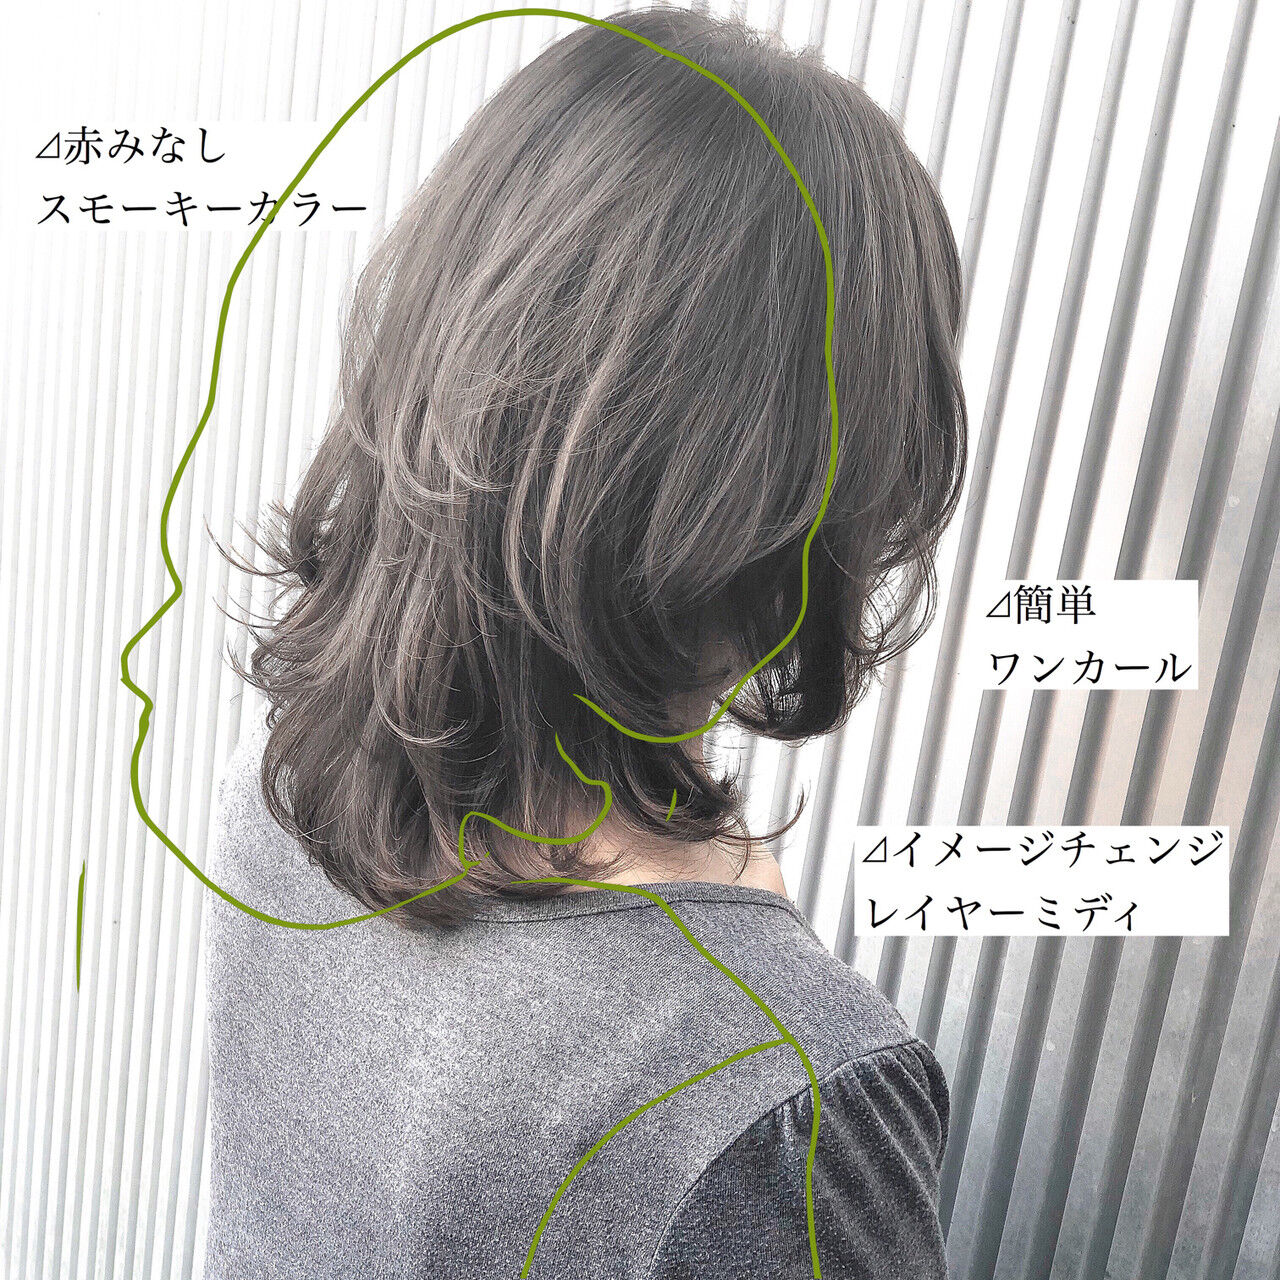 グレージュ ナチュラル ストレート 前髪ヘアスタイルや髪型の写真・画像